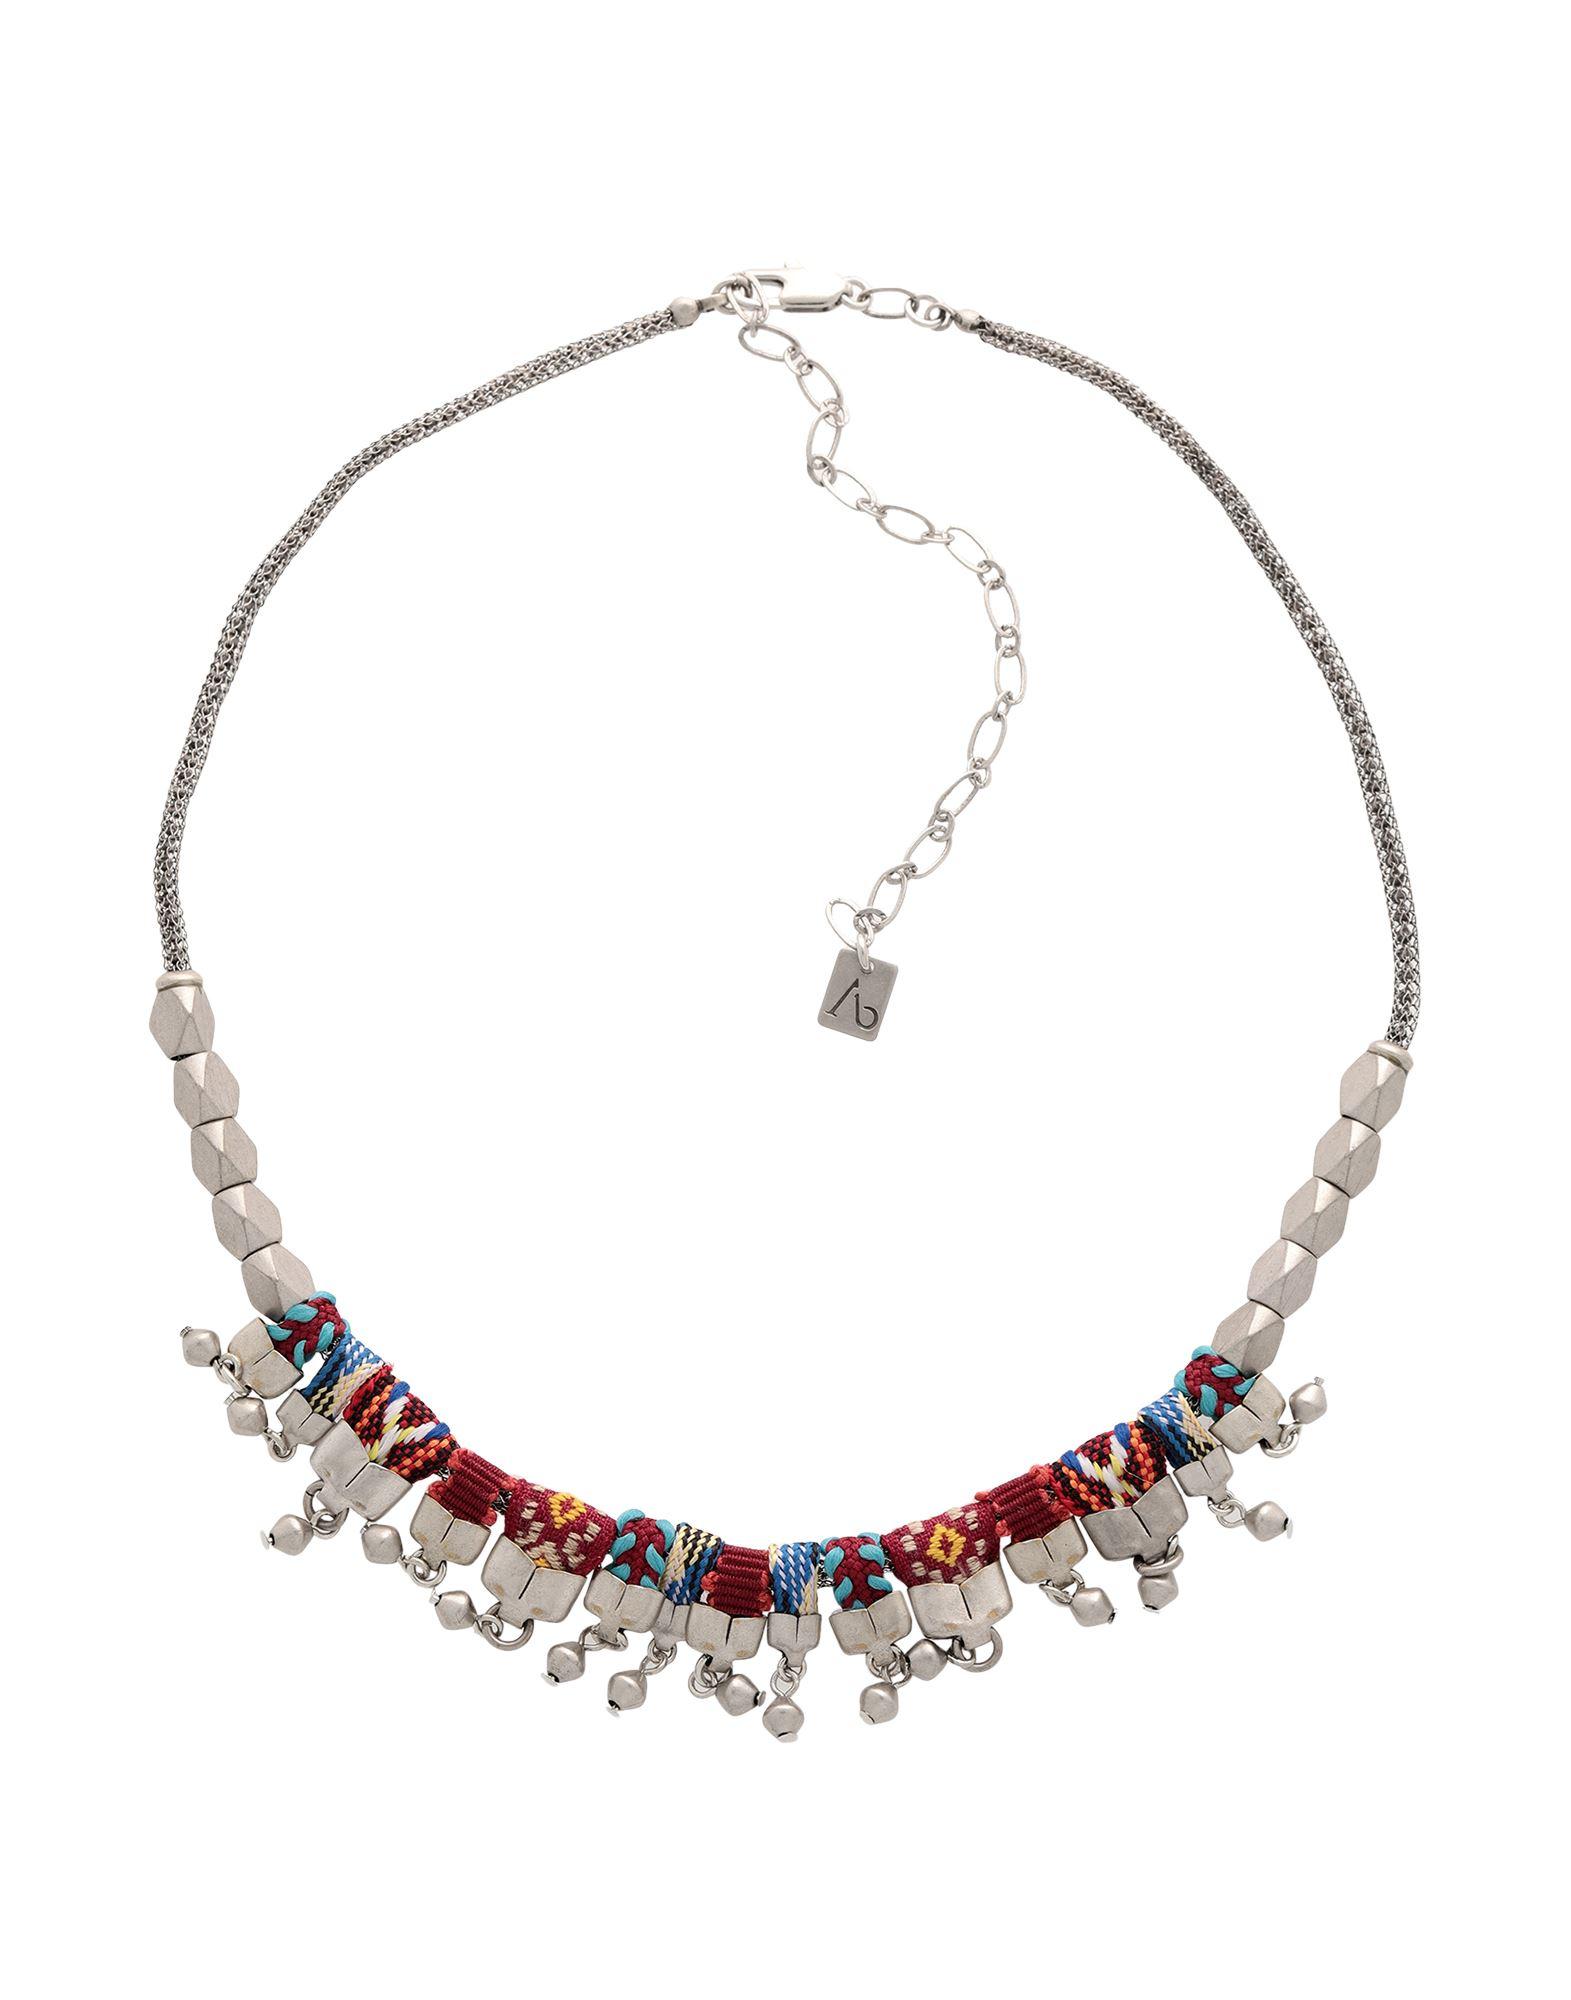 《セール開催中》AYALA BAR レディース ネックレス シルバー 真鍮/ブラス / クリスタル / ガラス / ポリウレタン